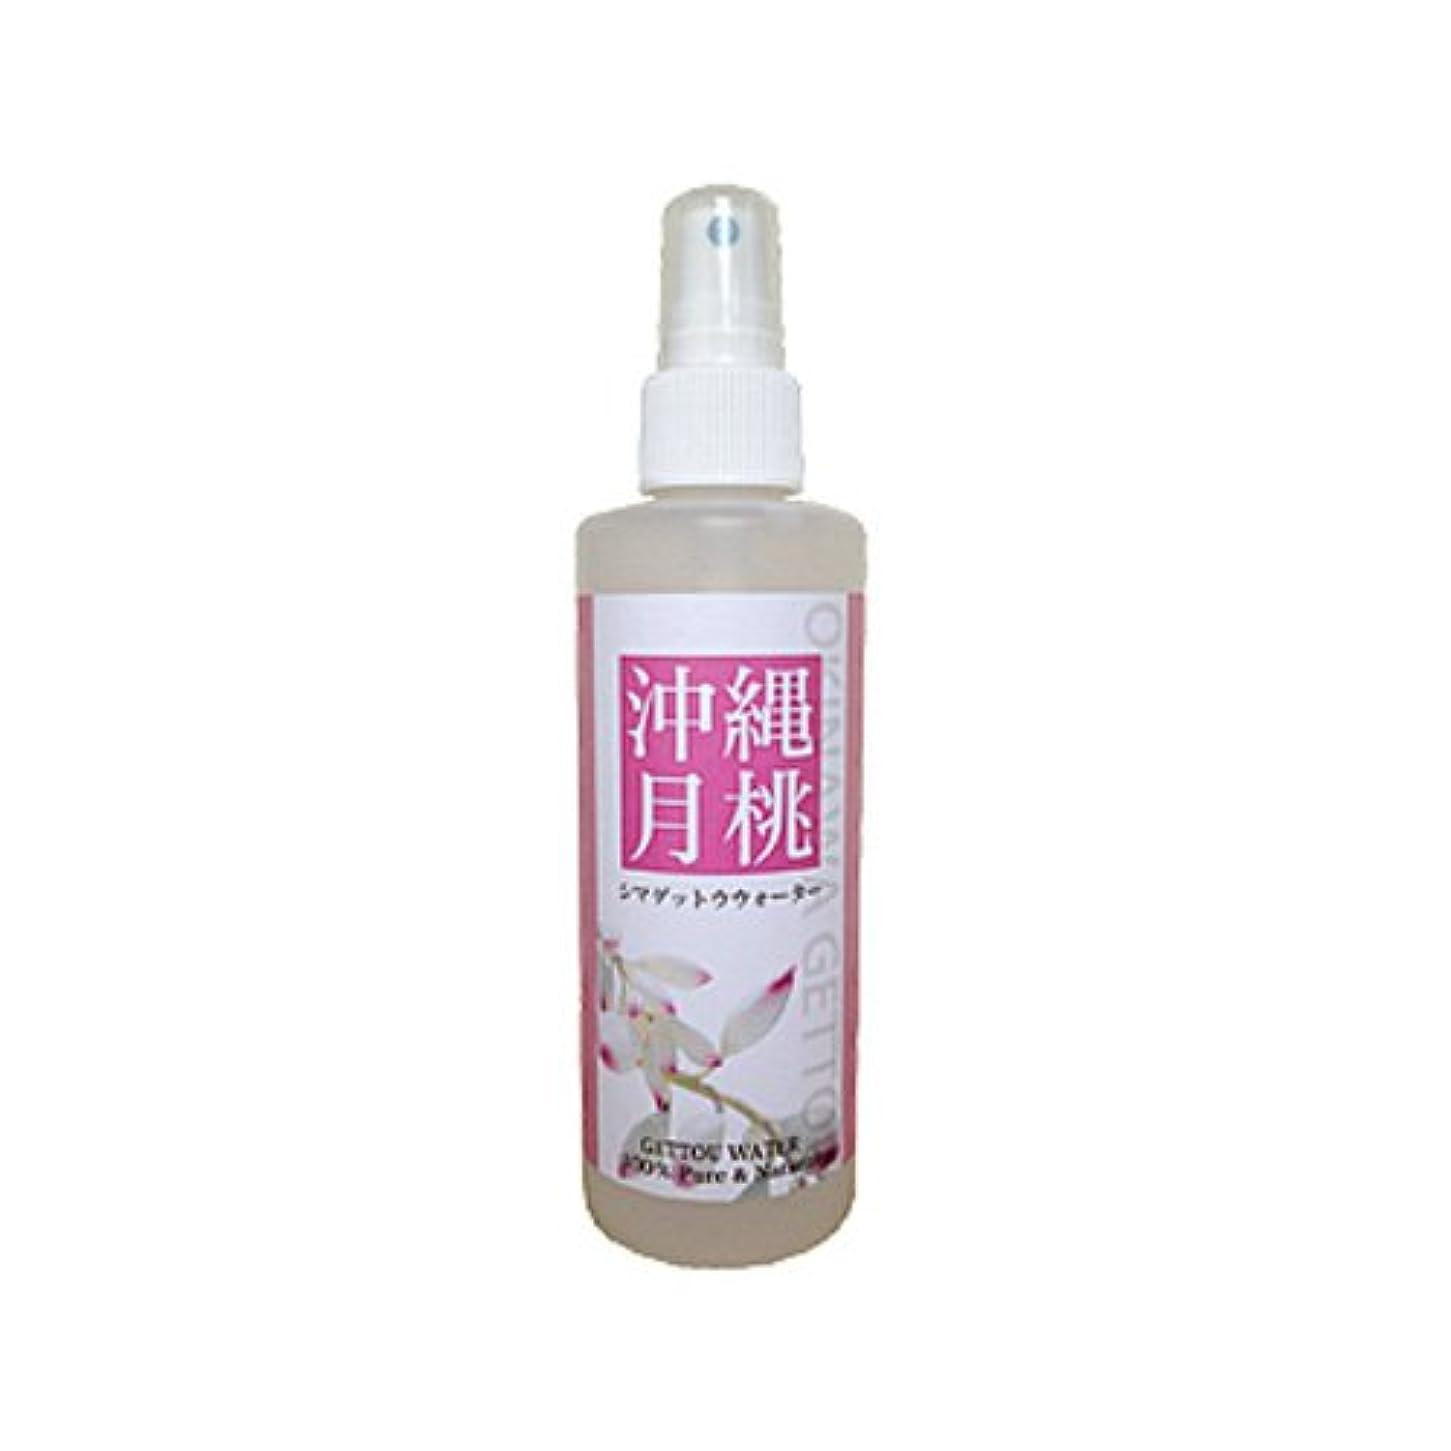 論理評判領事館月桃蒸留水 フローラルウォーター シマ月桃葉100%使用 200ml